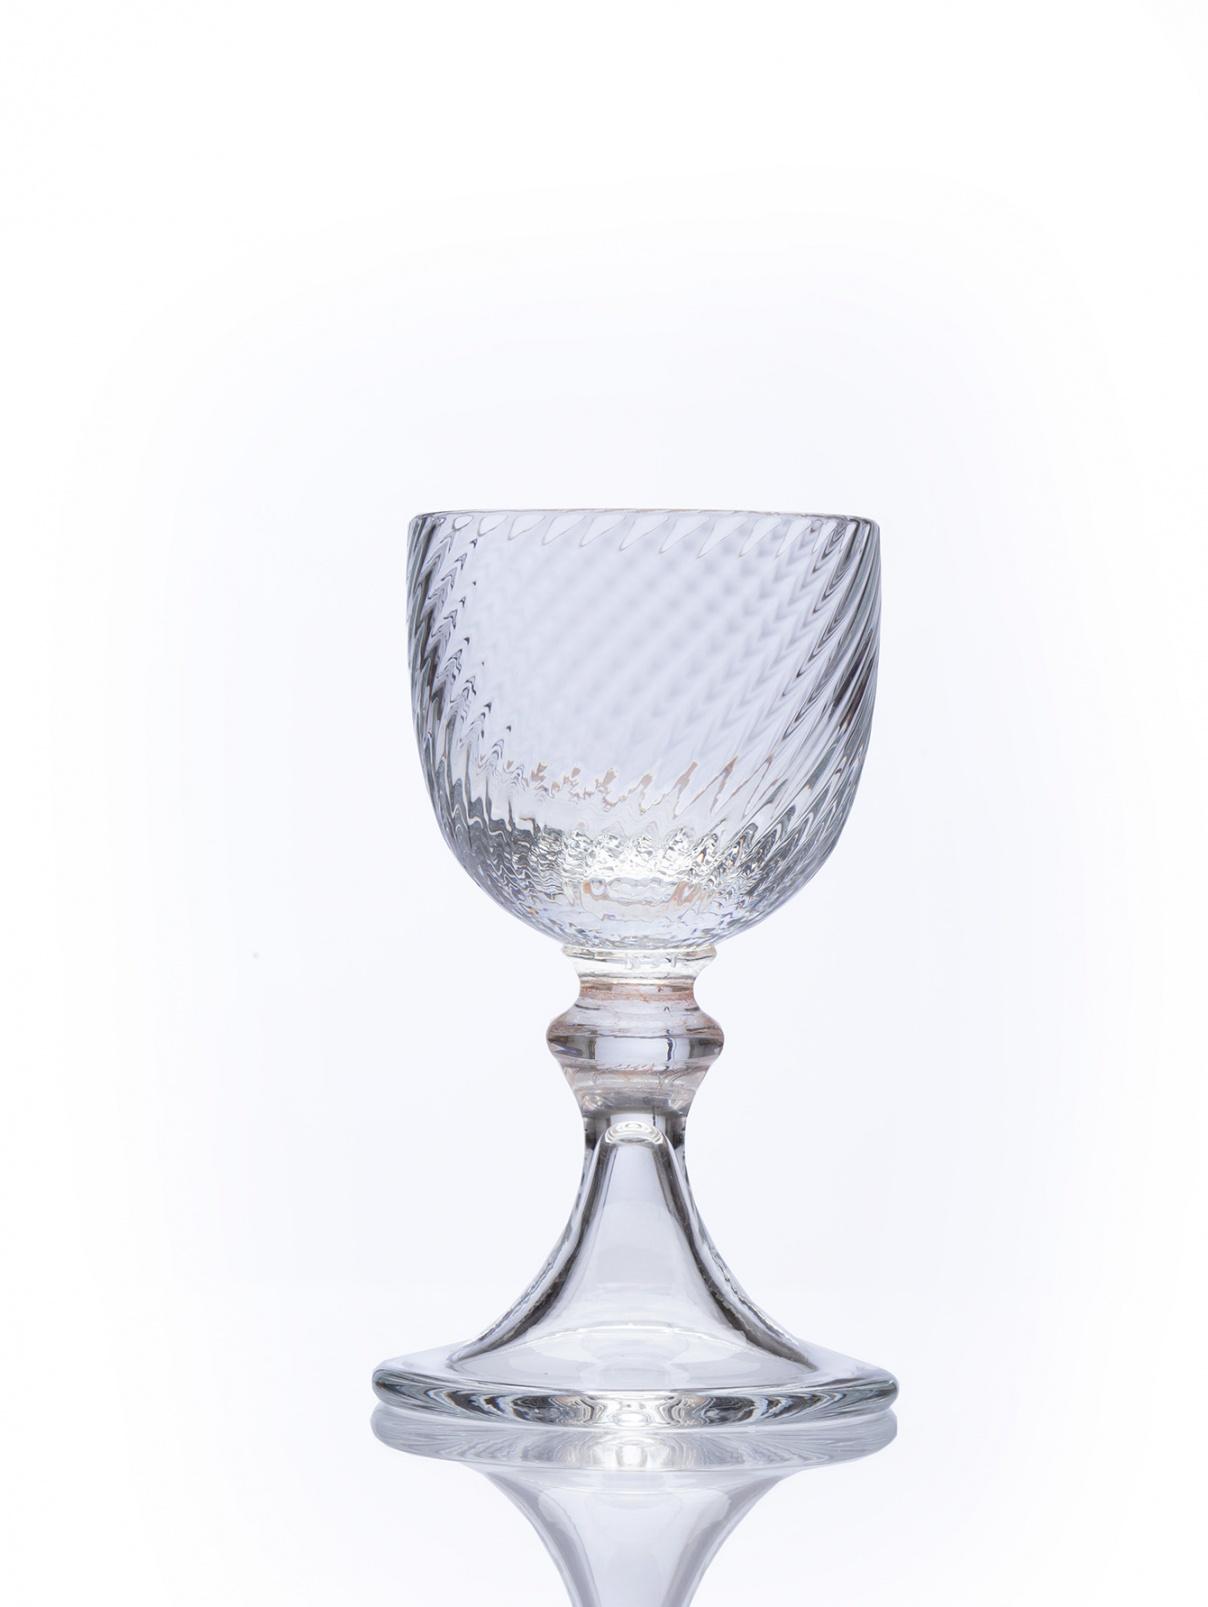 Бокал для ликера, высота - 8,5 см, диаметр - 4,4 см NasonMoretti  –  Общий вид